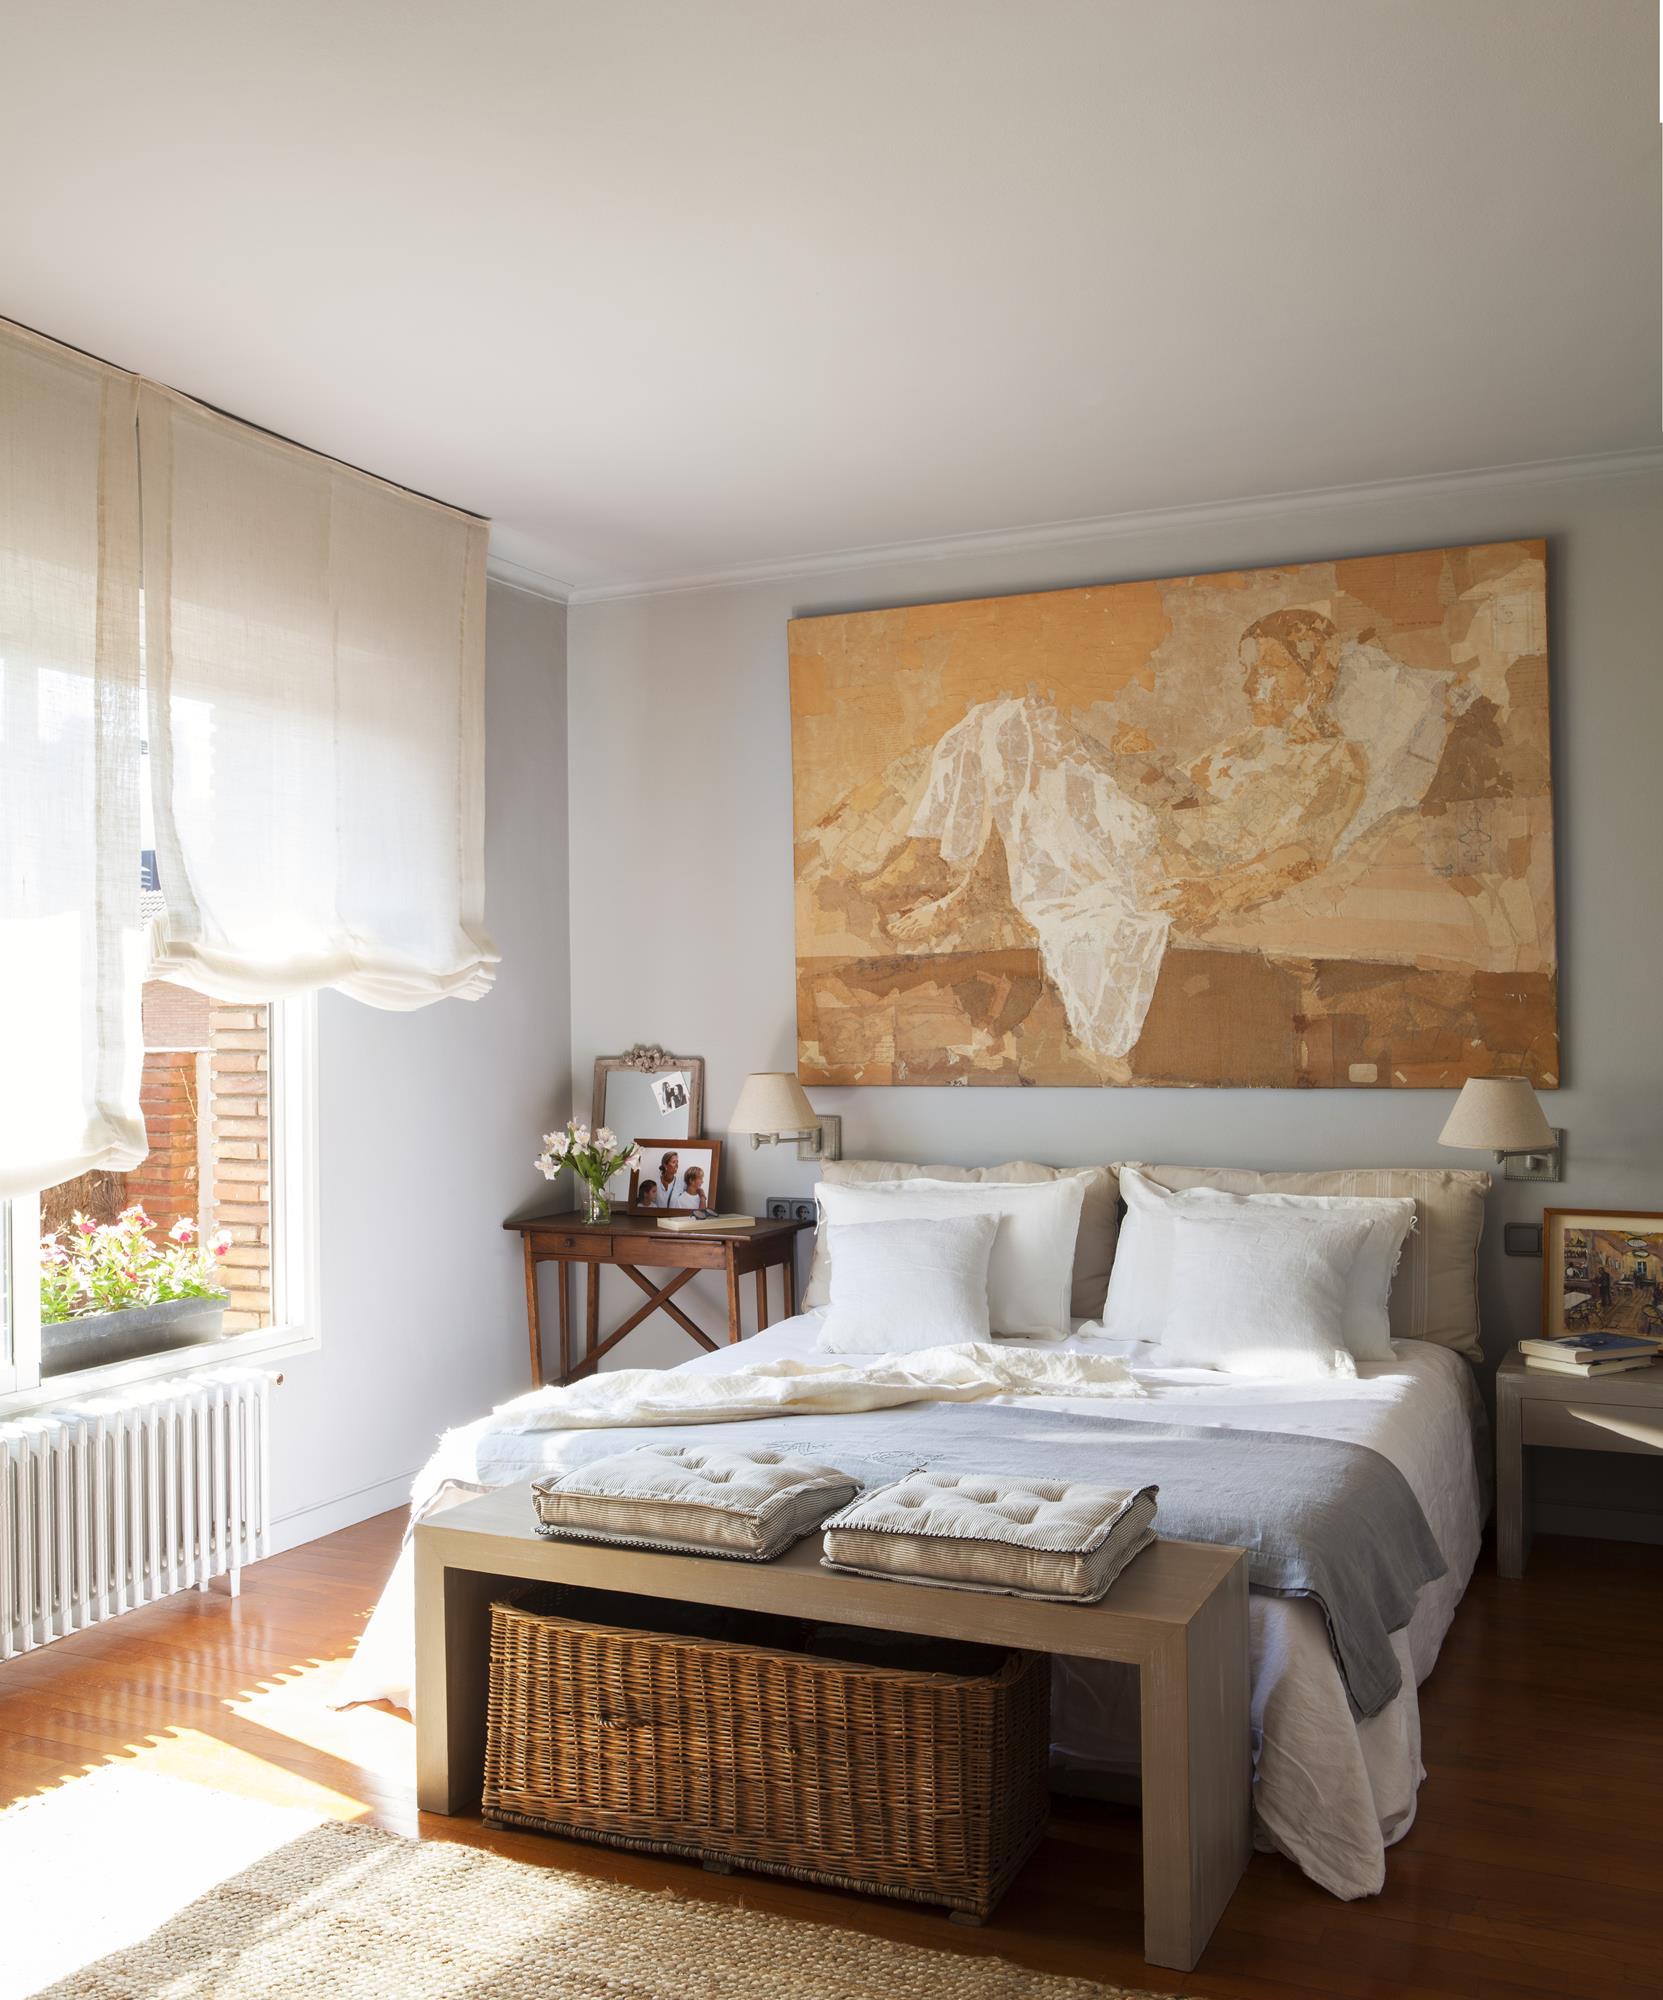 Blog a los pies de la cama for Mueble que se pone a los pies de la cama